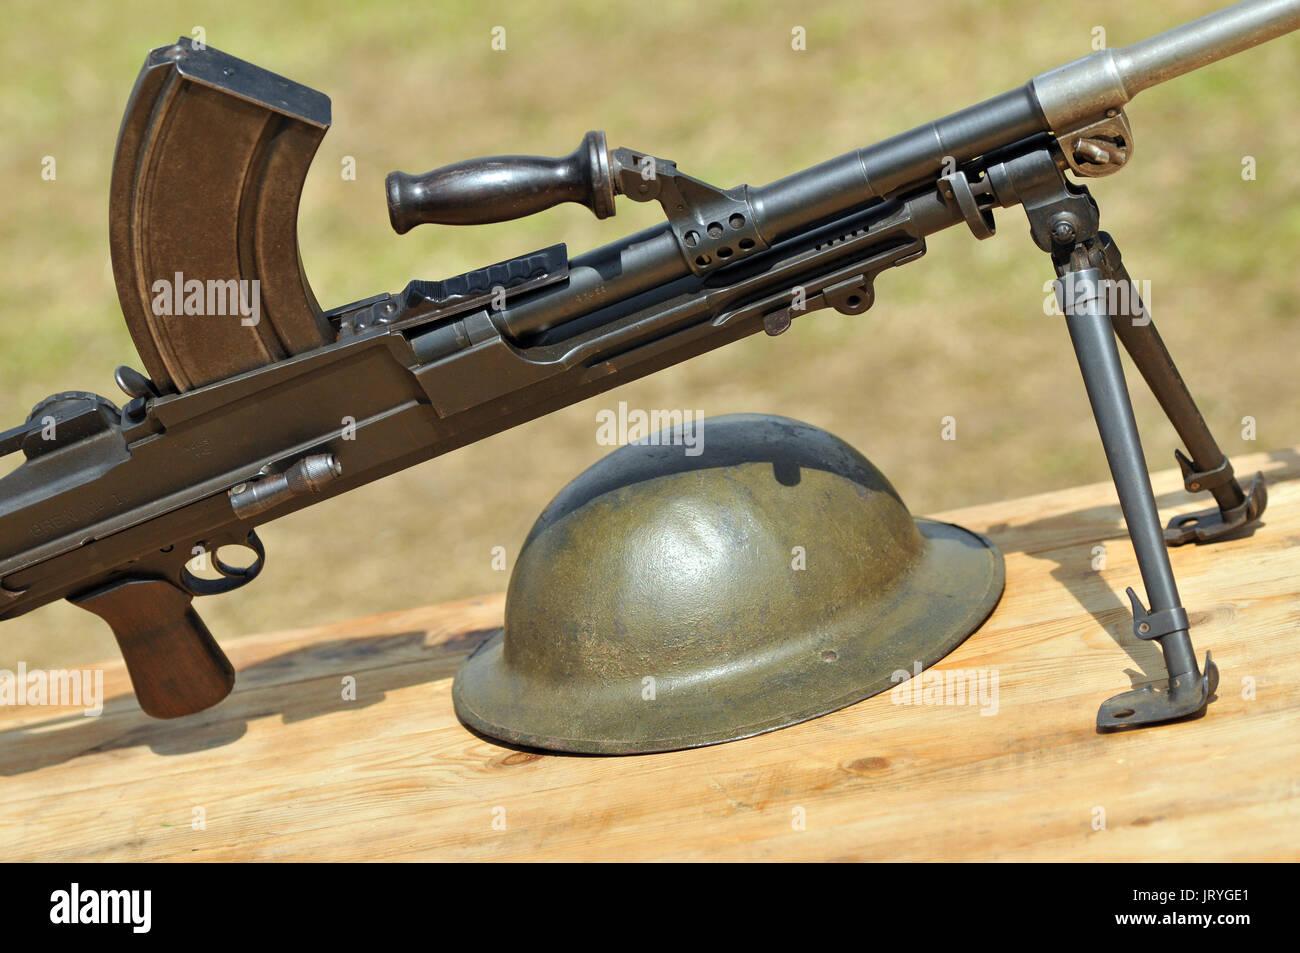 maschinengewehrsch tzen mit runden kugeln und helme 2. Black Bedroom Furniture Sets. Home Design Ideas